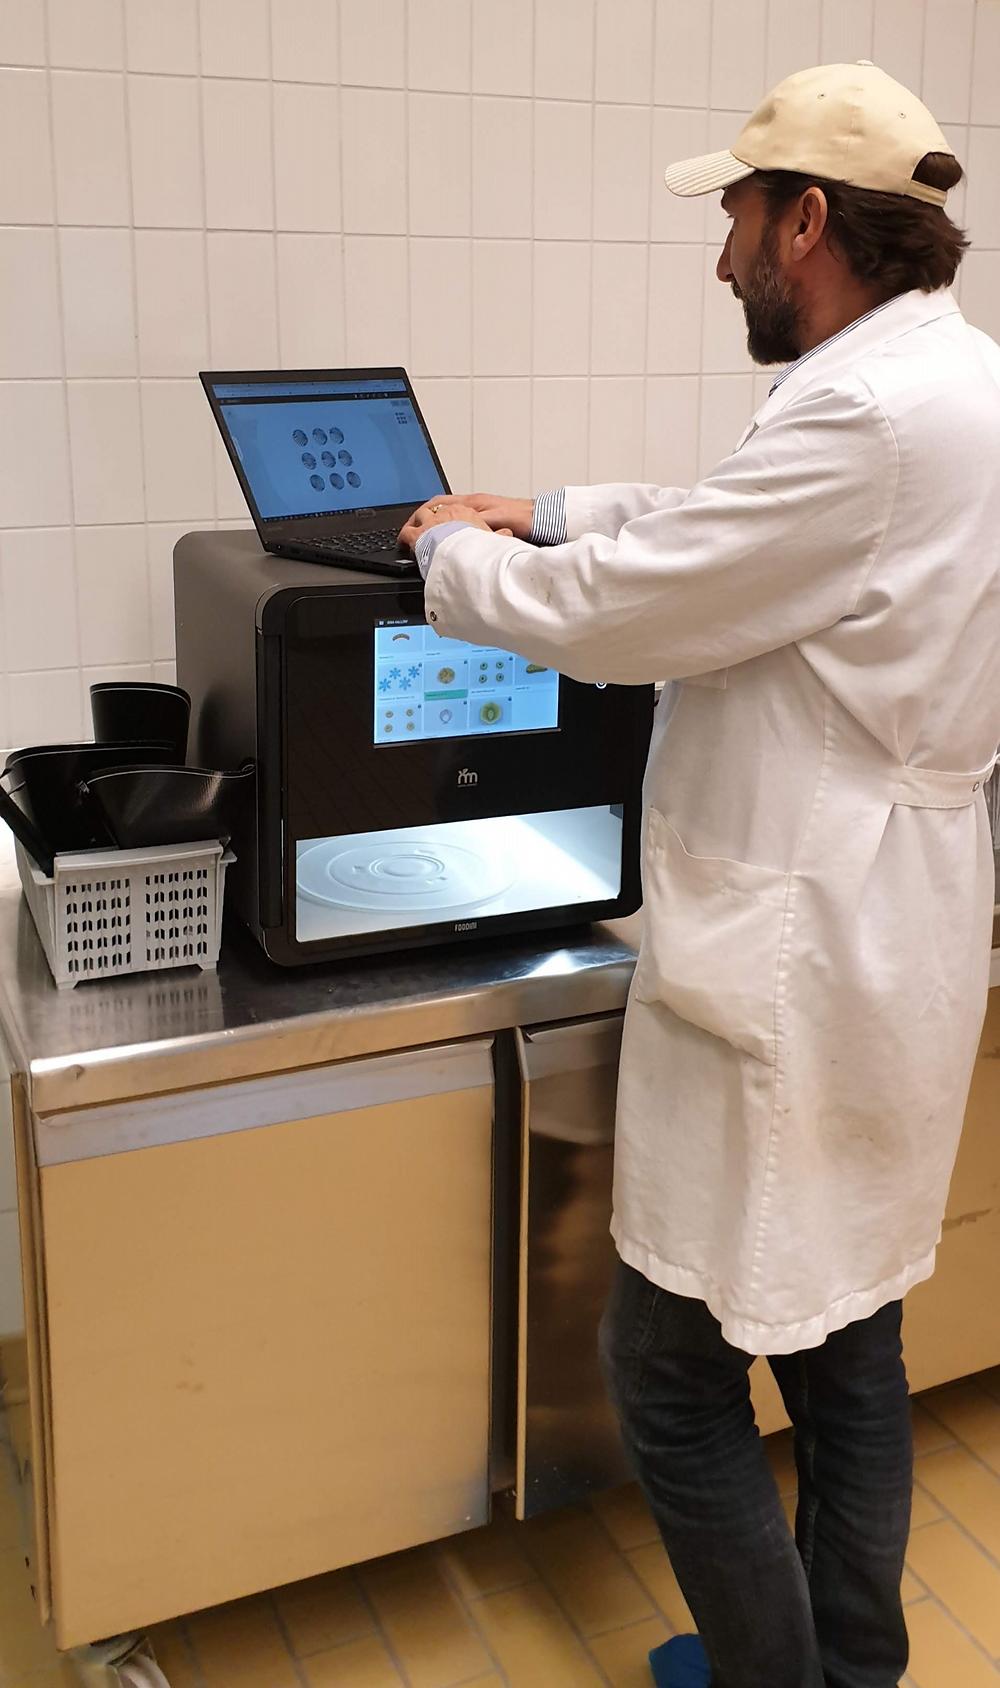 Produktutvikler Gunnar Salomonsen i aksjon med mat 3D-printer, Foto: Kim Marius Moe, TINE